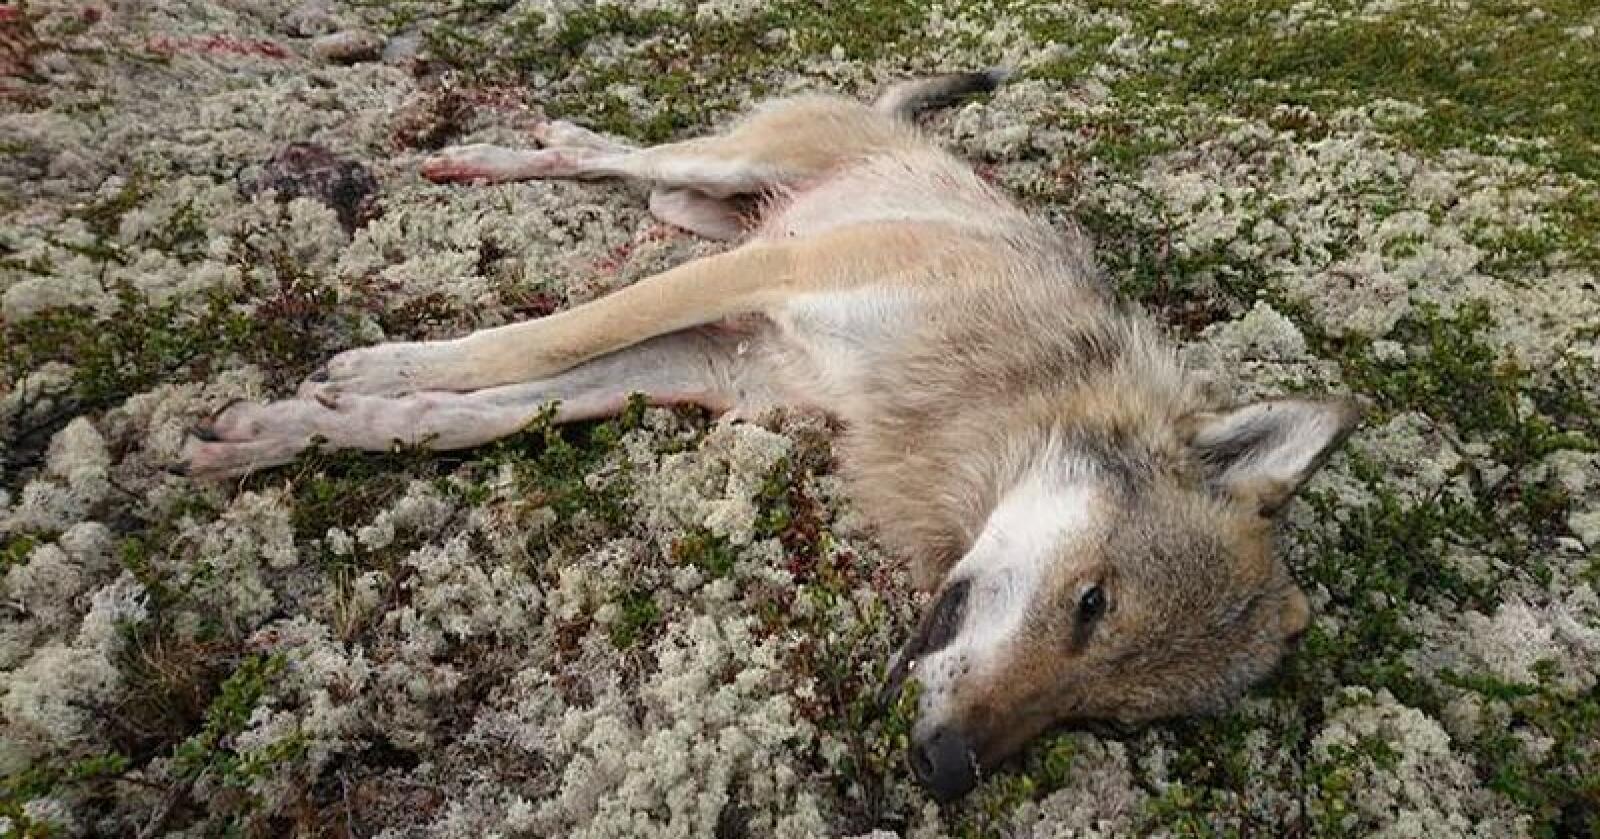 Torsdag ble en hannulv skutt i forbindelse med den pågående skadefellingen i Nord-Østerdal. Foto: Statens Naturoppsyn / NTB scanpix